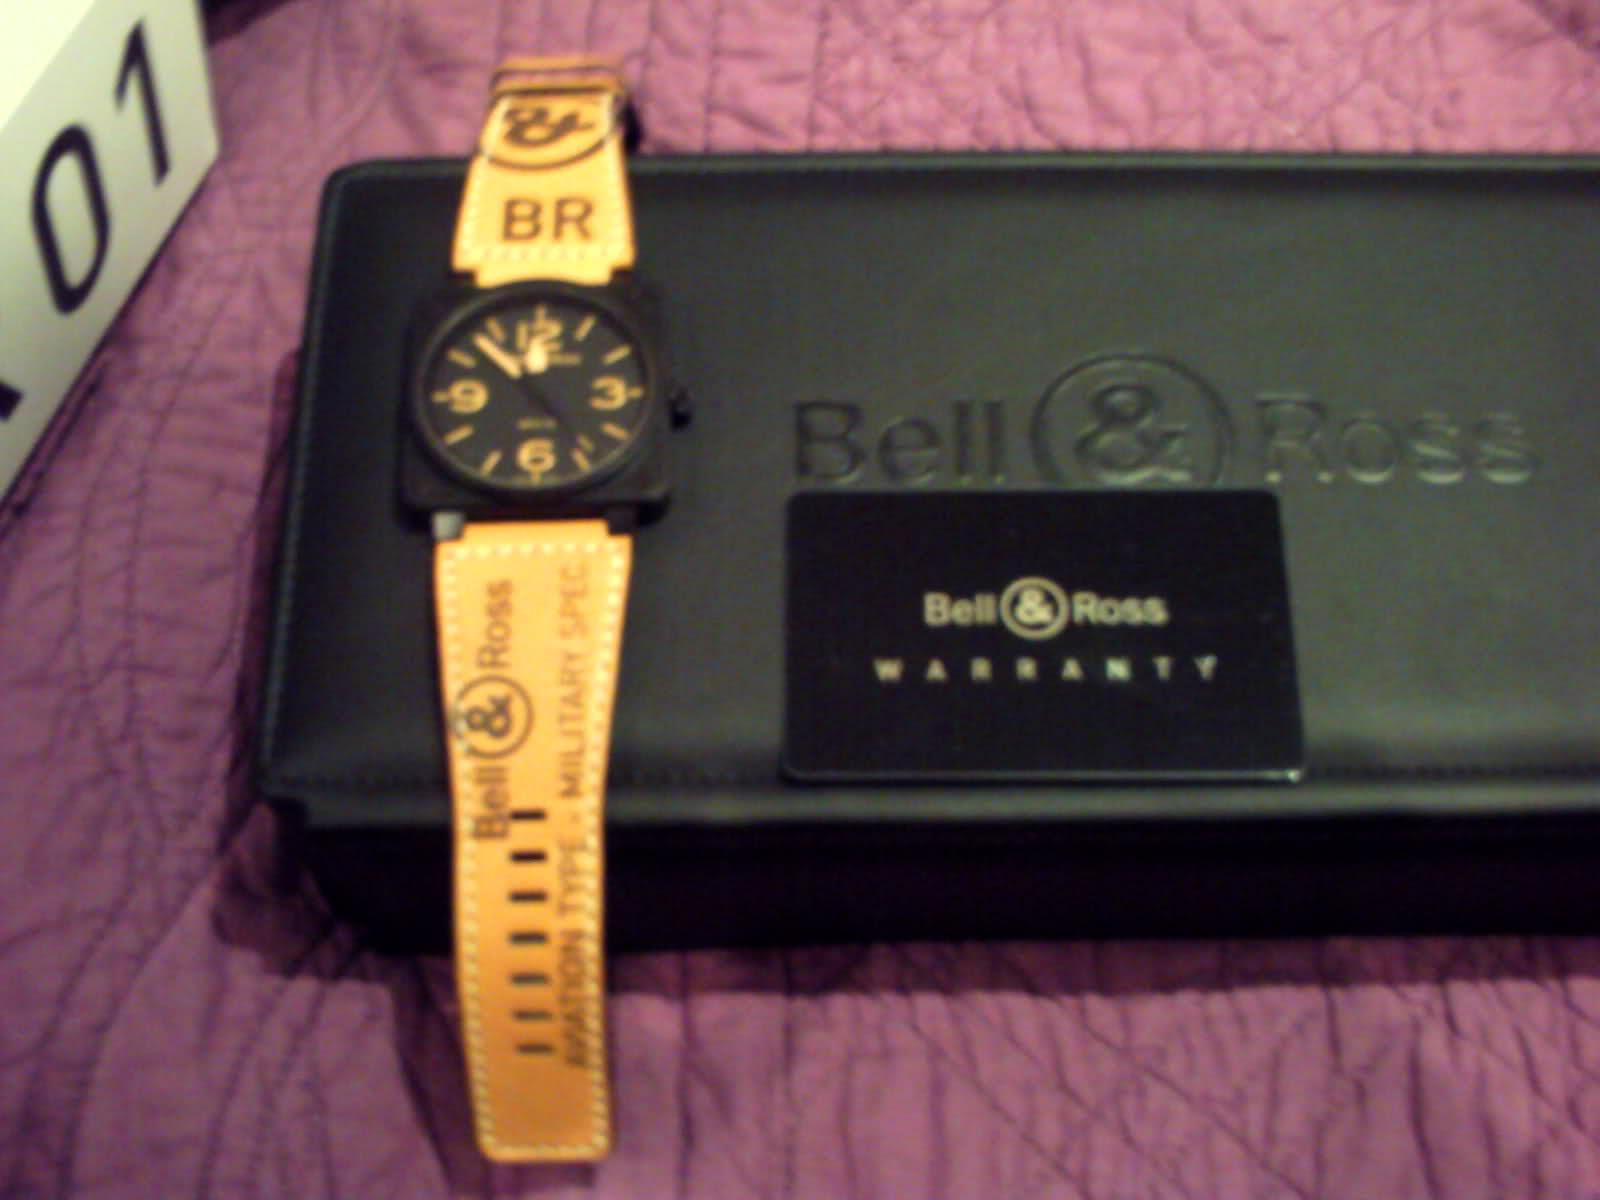 La Bell & Ross du vendredi 14lkozb